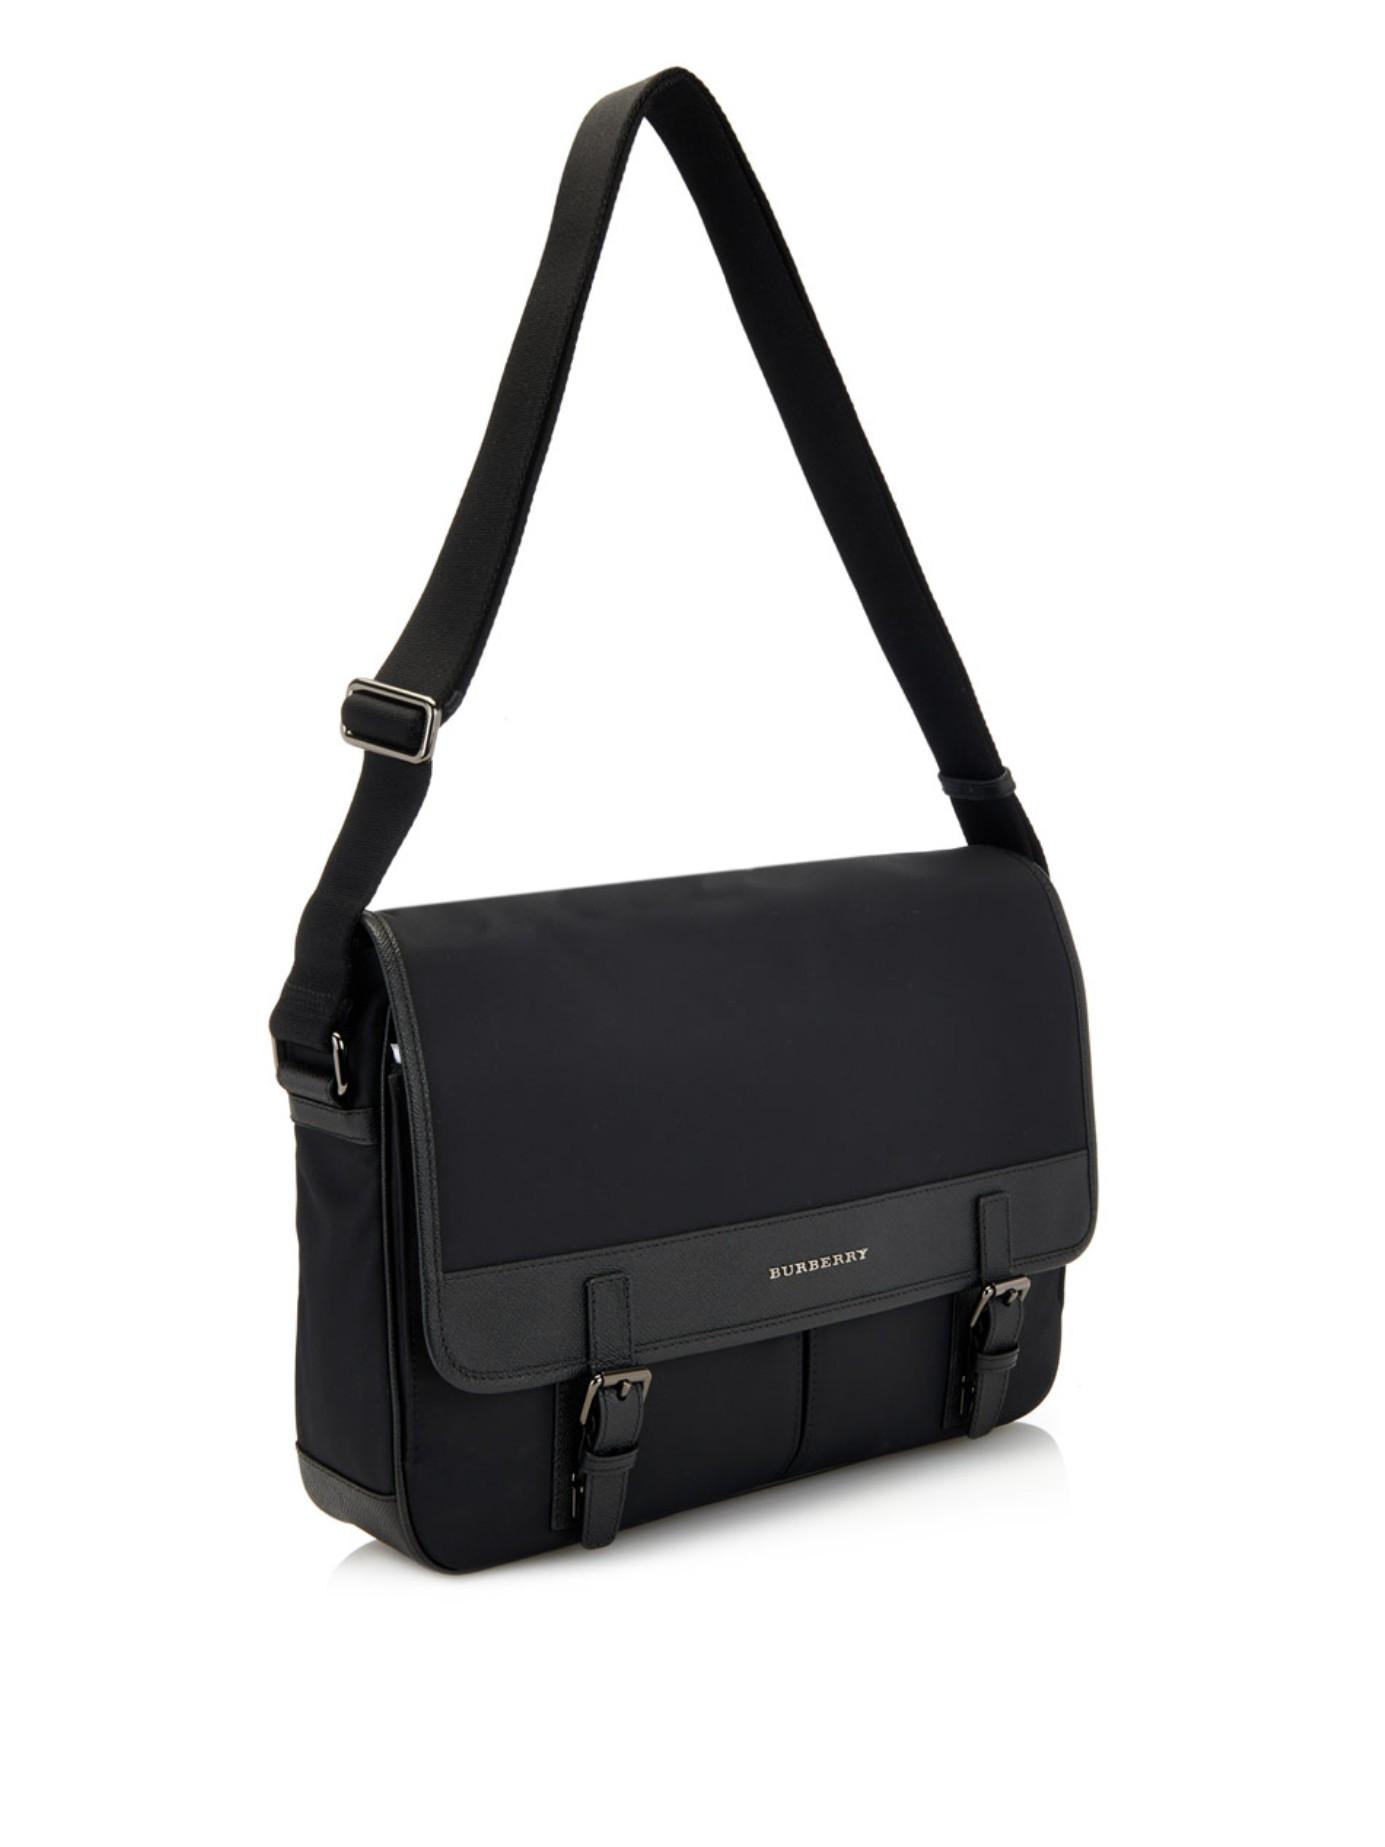 5d818f716843 Burberry Fairbank Nylon Messenger Bag in Black for Men - Lyst